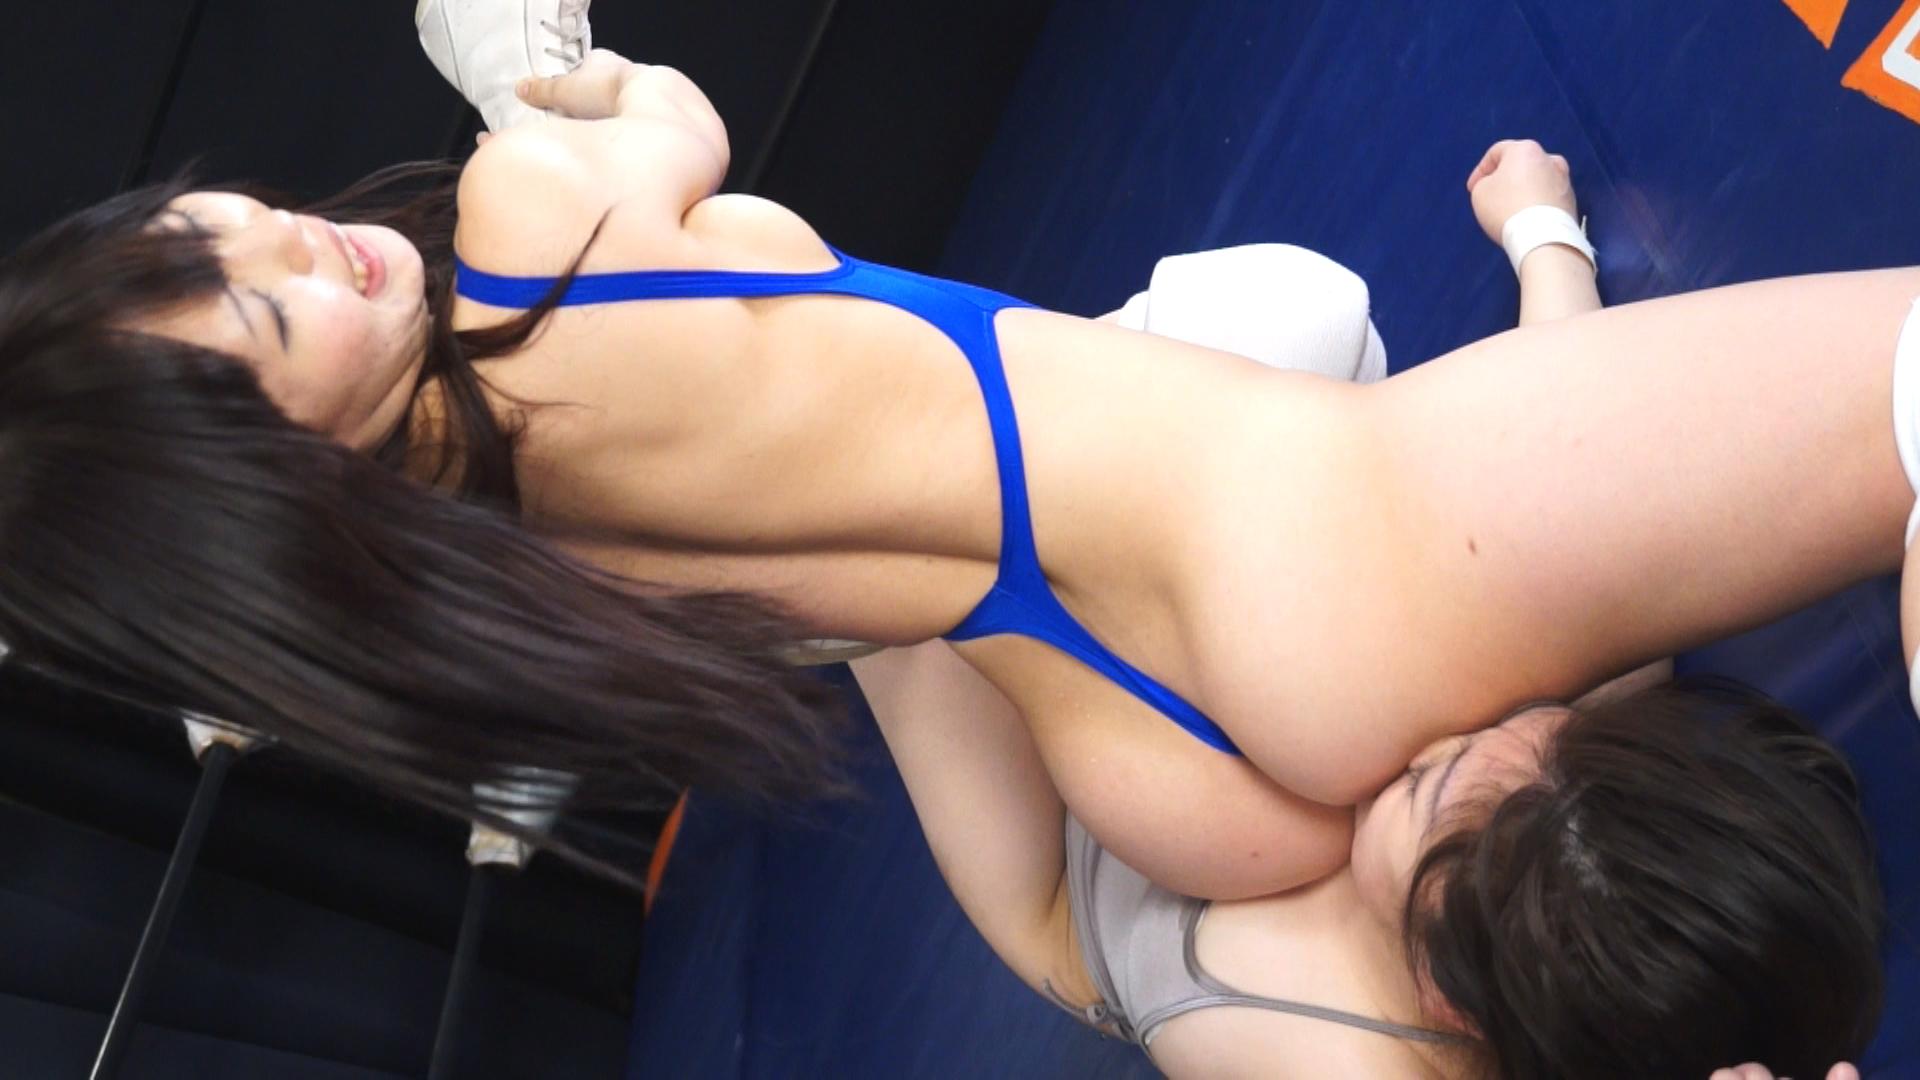 キャットファイト 女子プロレス  広瀬りほ エロボディ 星野七海 ロリ娘